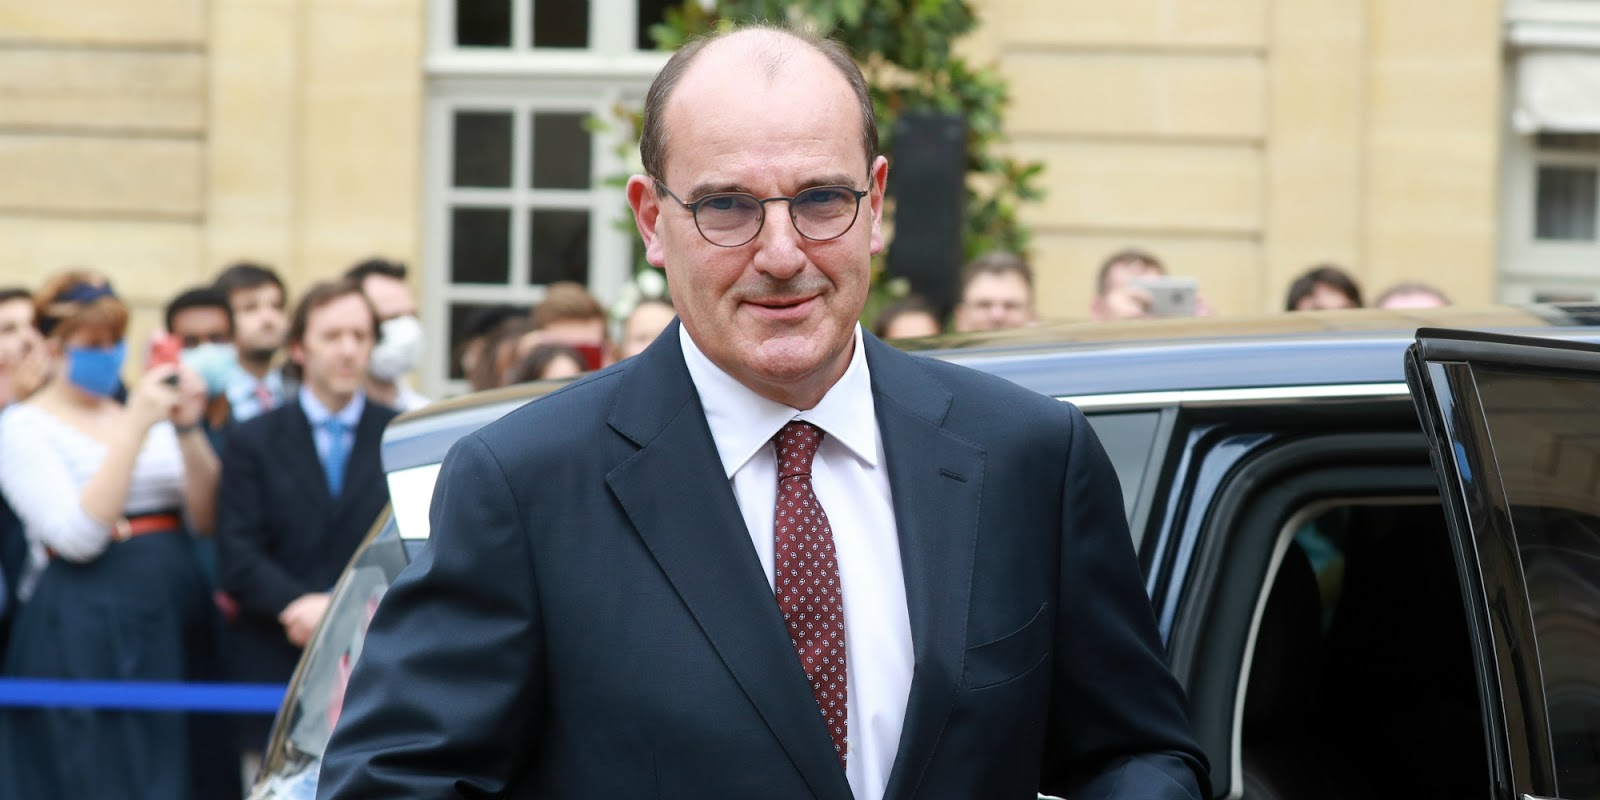 Gouvernement Castex Live : Alexis Kohler arrive sur le perron de l'Elysée, suivez la nomination du nouveau gouvernement avec nous